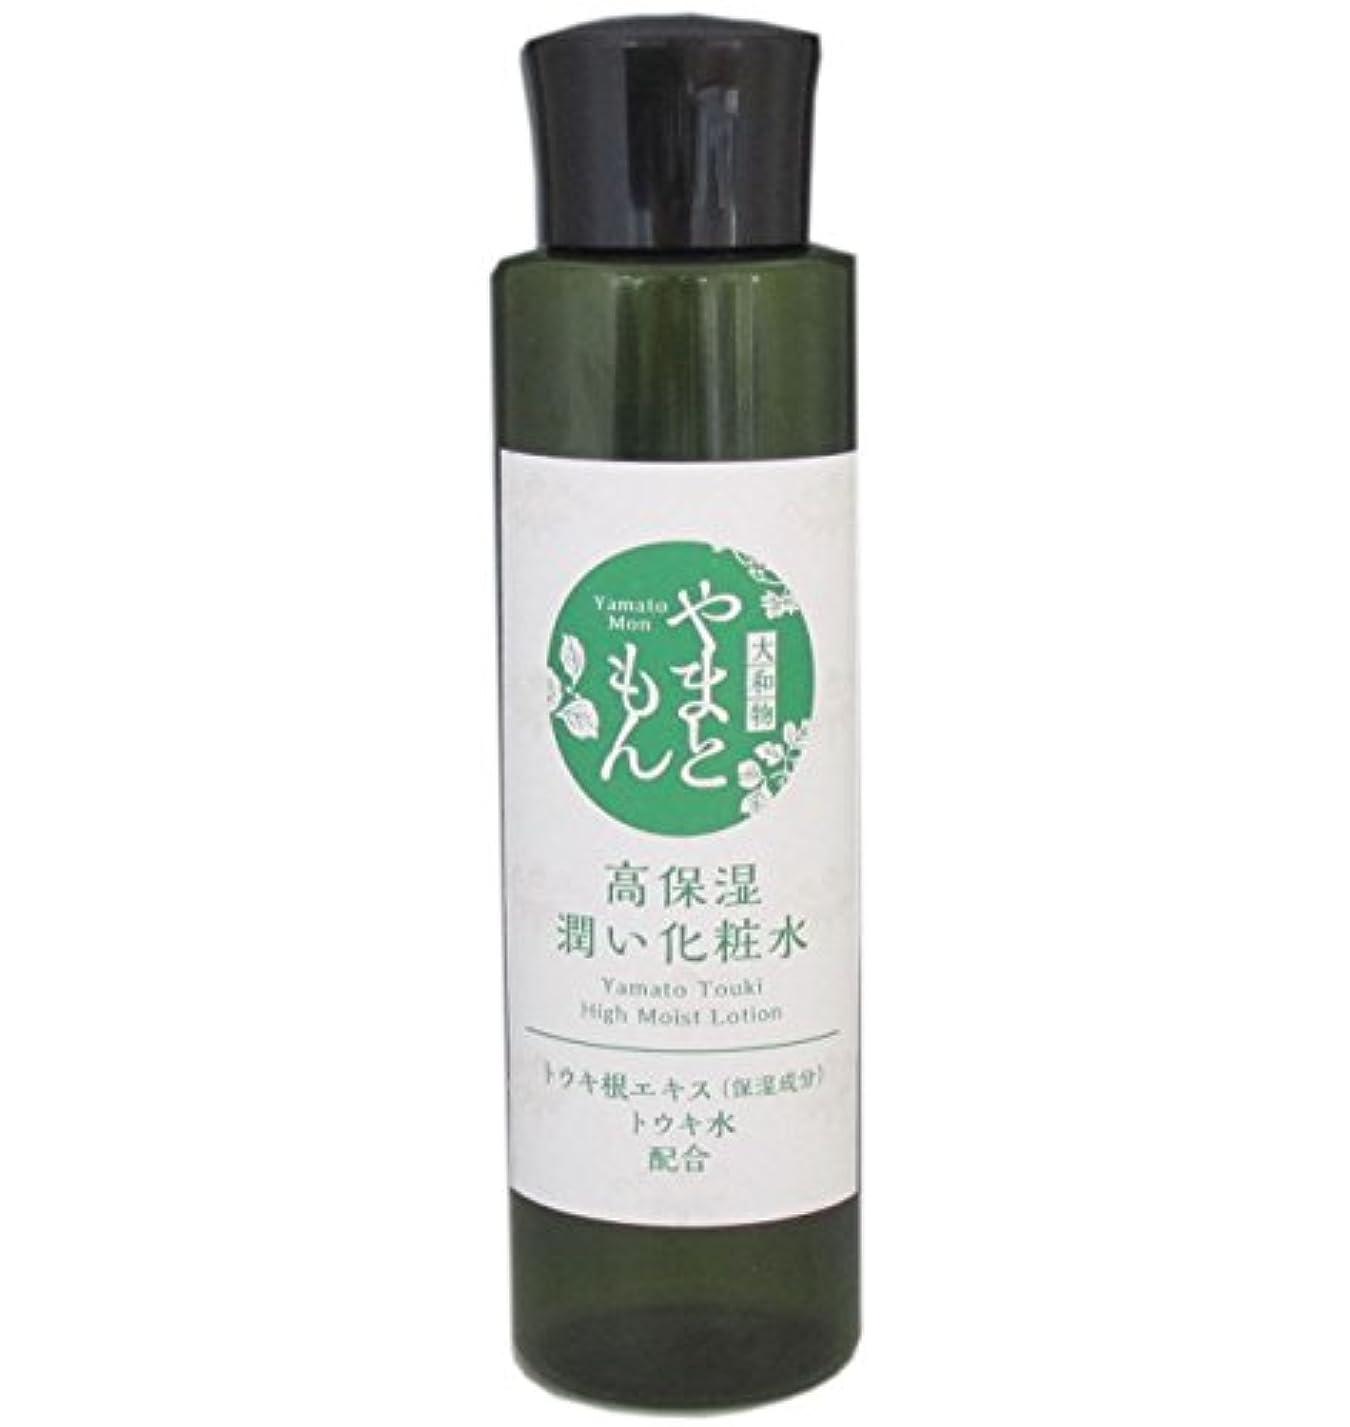 プロフィール冷酷な望ましい奈良産和漢生薬エキス使用やまともん化粧品 当帰化粧水(とうきけしょうすい)